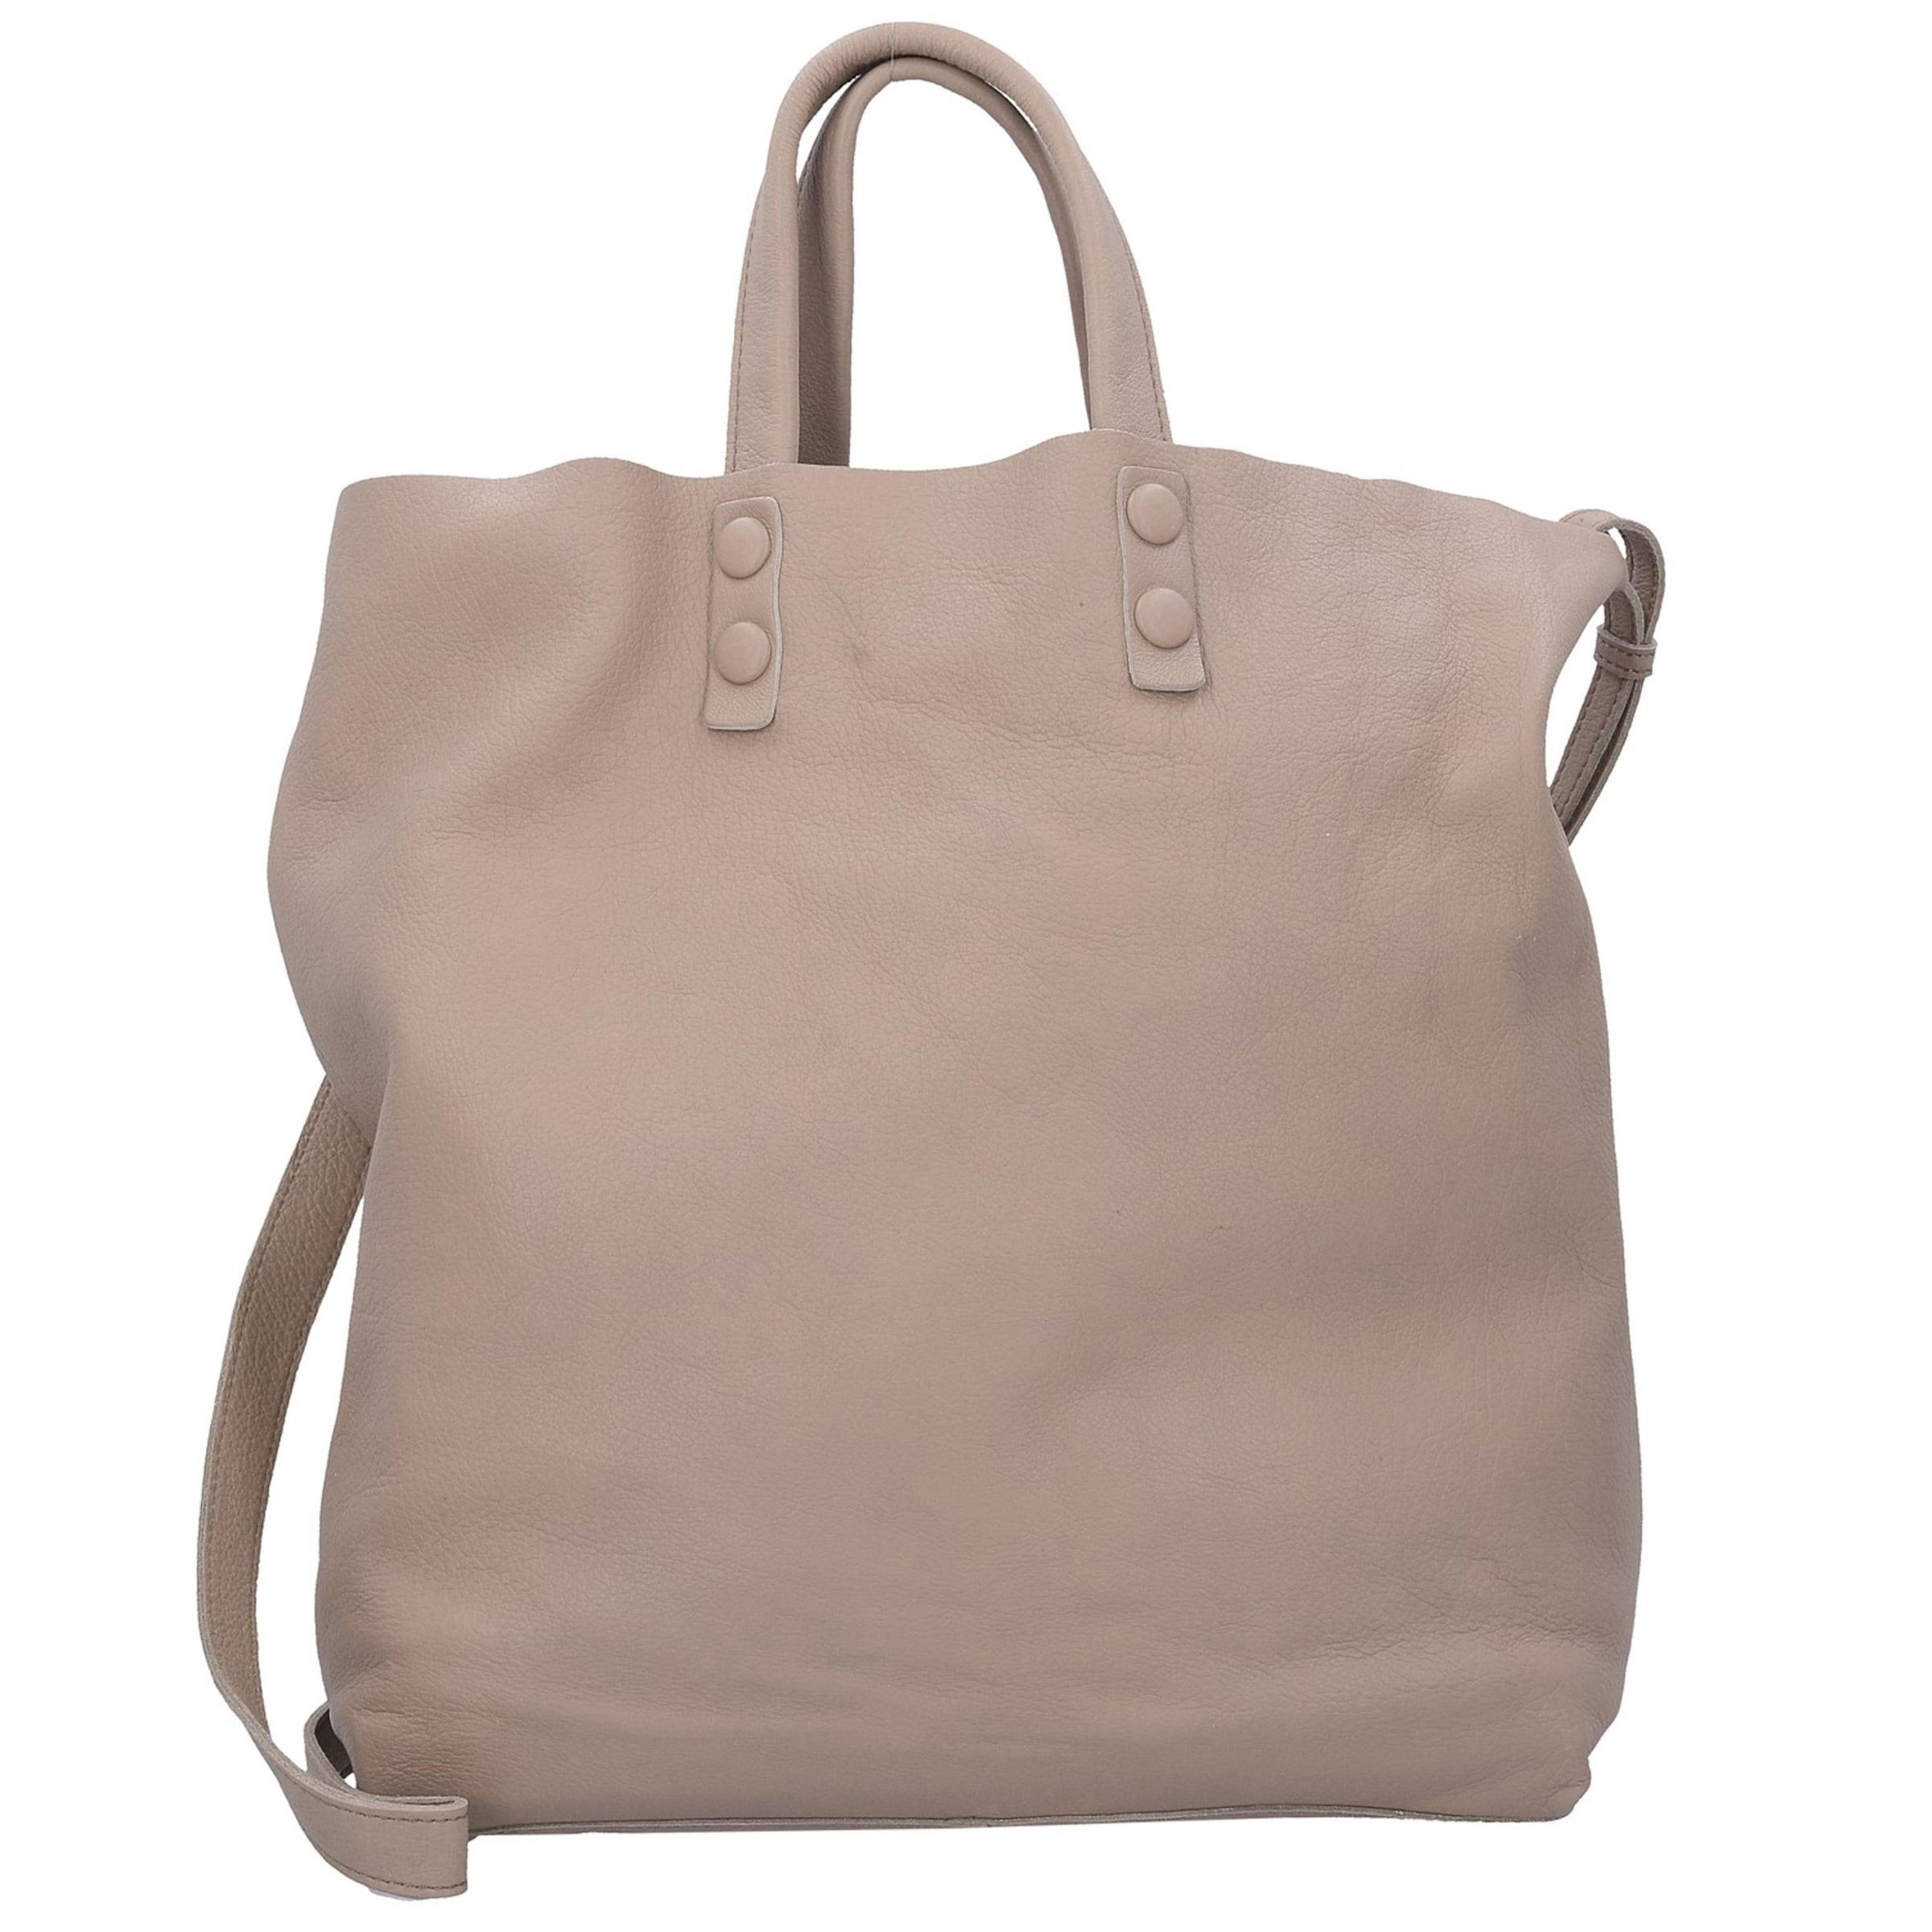 Kaufen Online Marc O'Polo Eleven I Shopper Tasche Verkauf Nicekicks Günstig Kaufen Beliebt Zuverlässig Günstiger Preis PSCJHsu